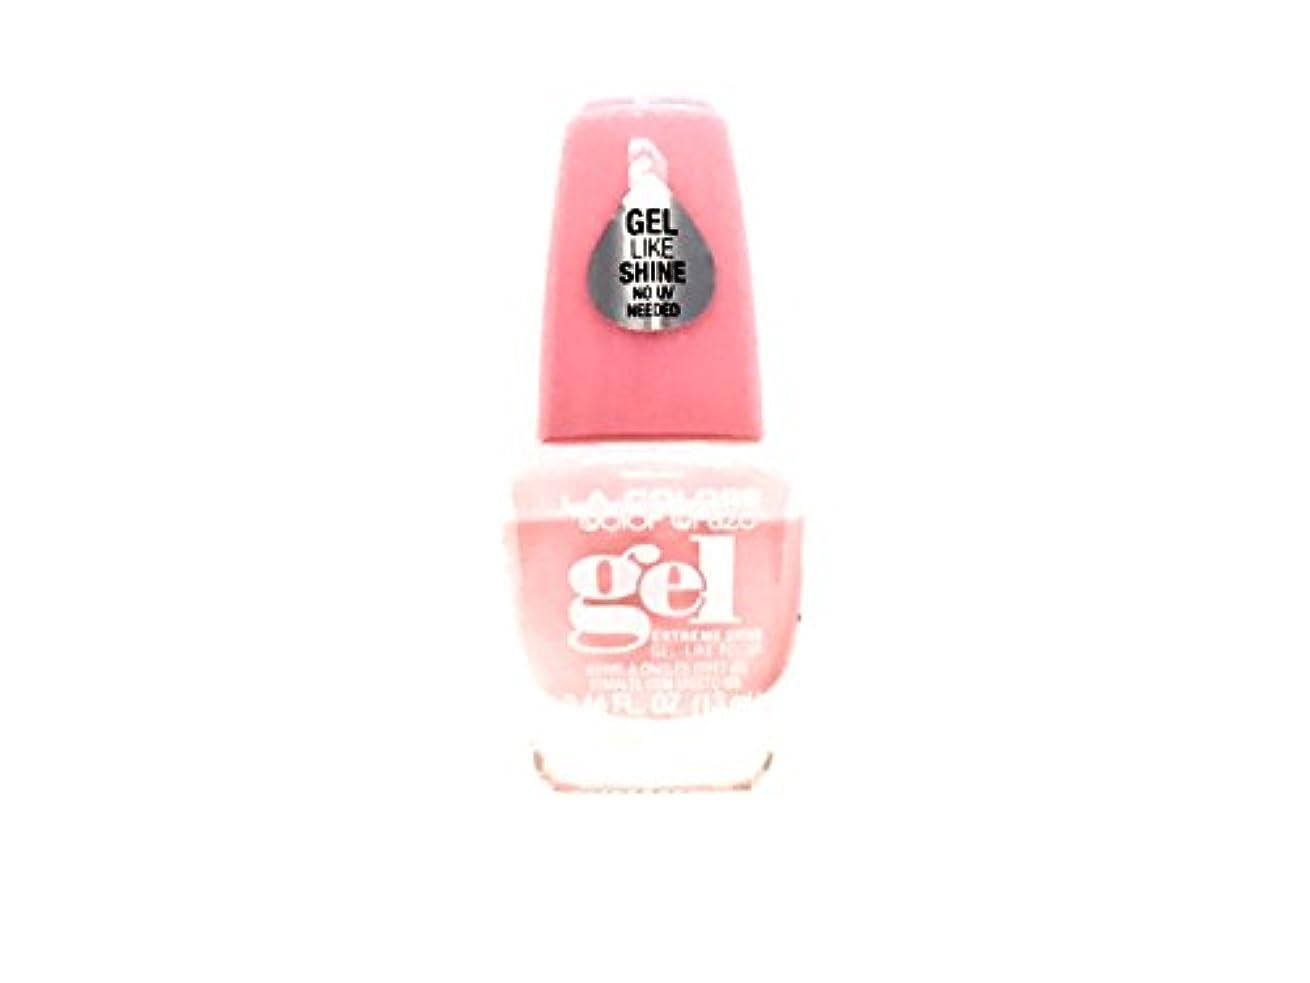 受動的風景一目LA Colors 美容化粧品21 Cnp742美容化粧品21 0.44 fl。 oz。 (13ml) スウィートハート(cnp742)